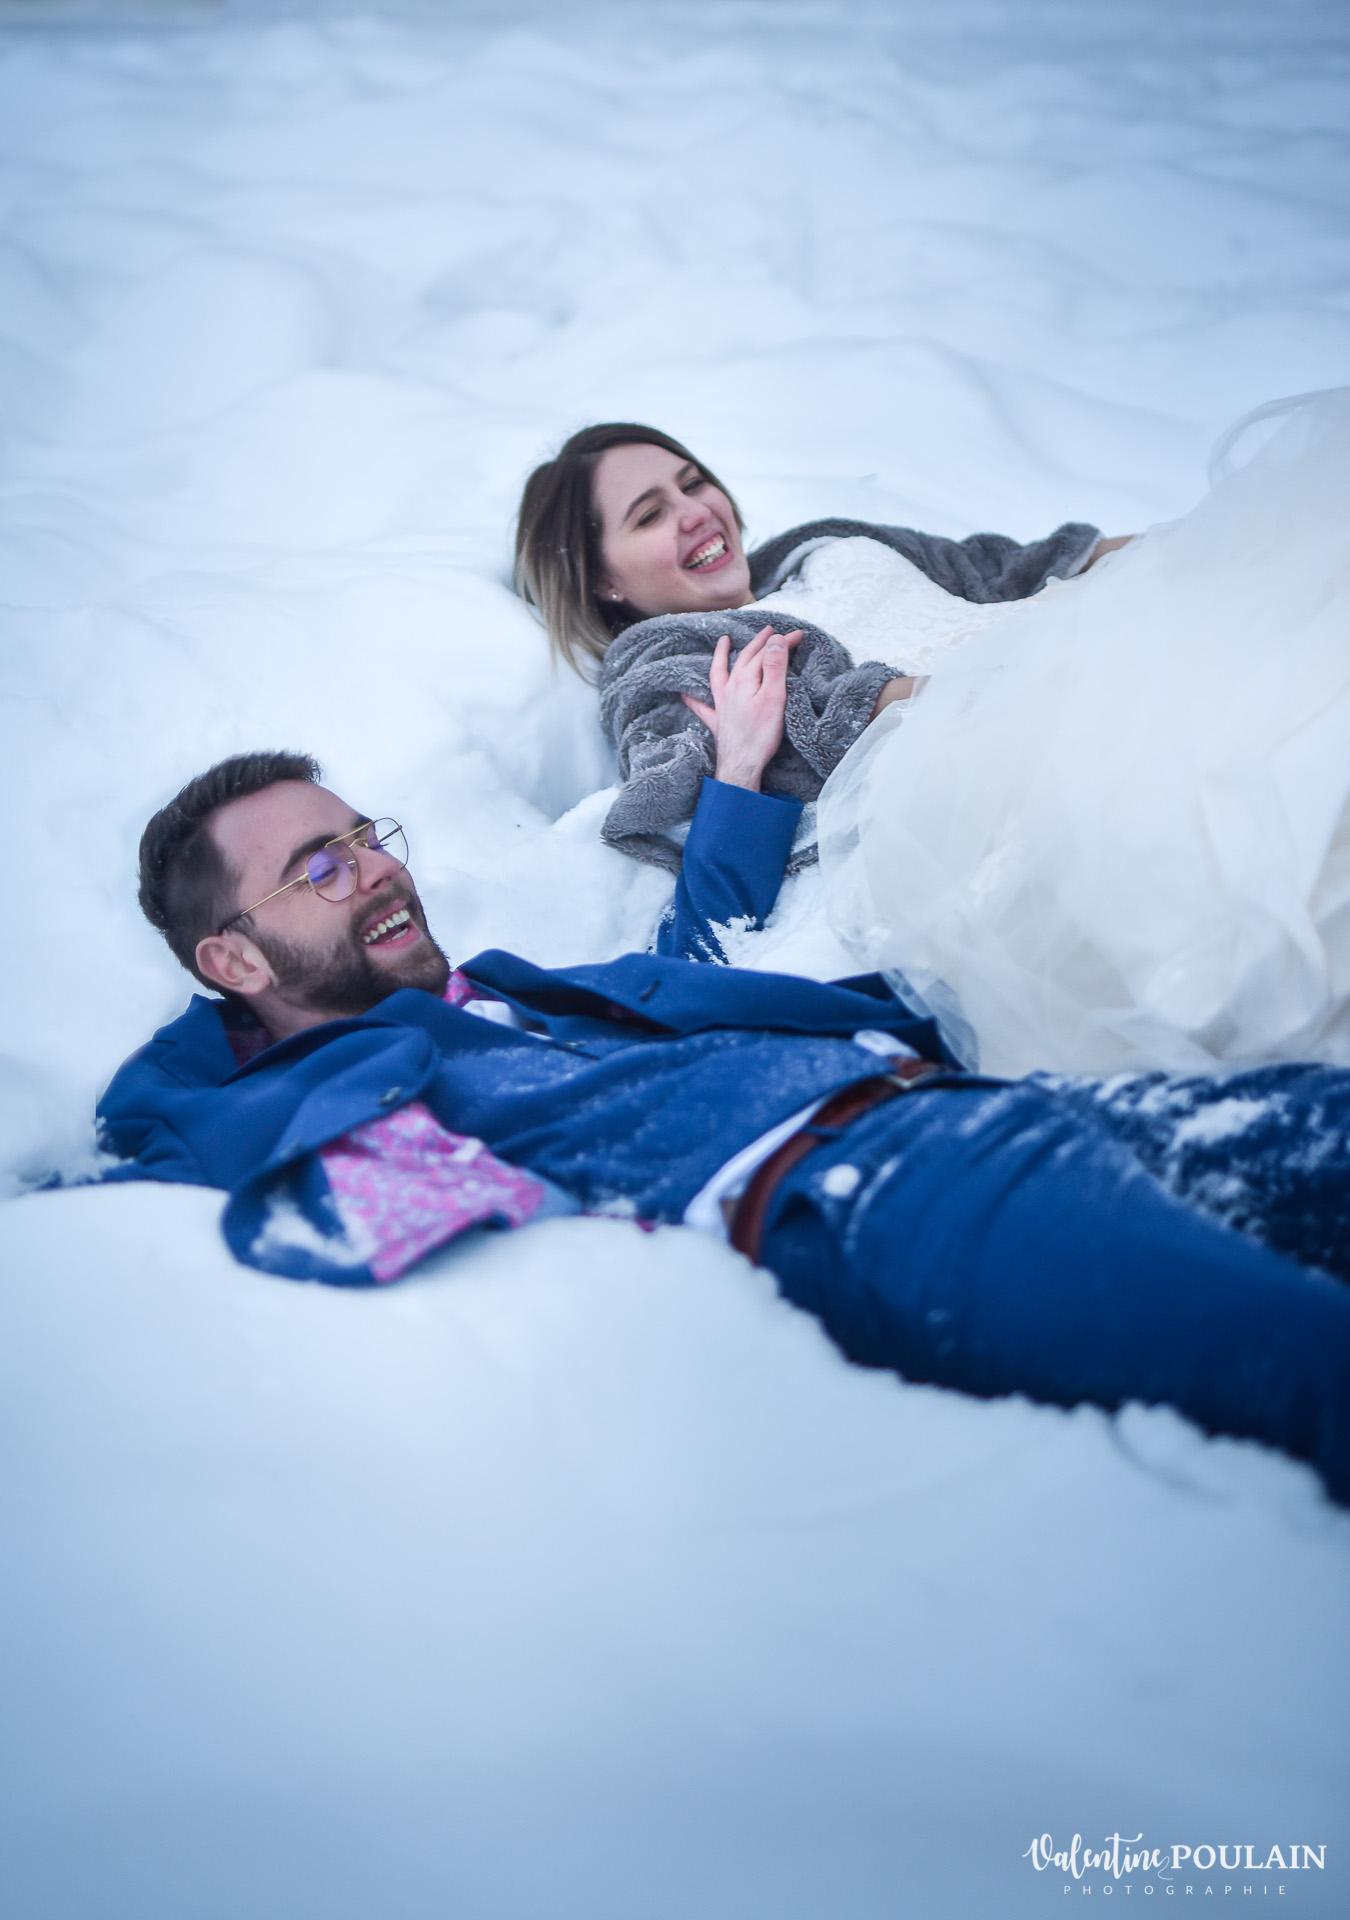 Se marier en hiver sous la neige - Valentine Poulain couchés